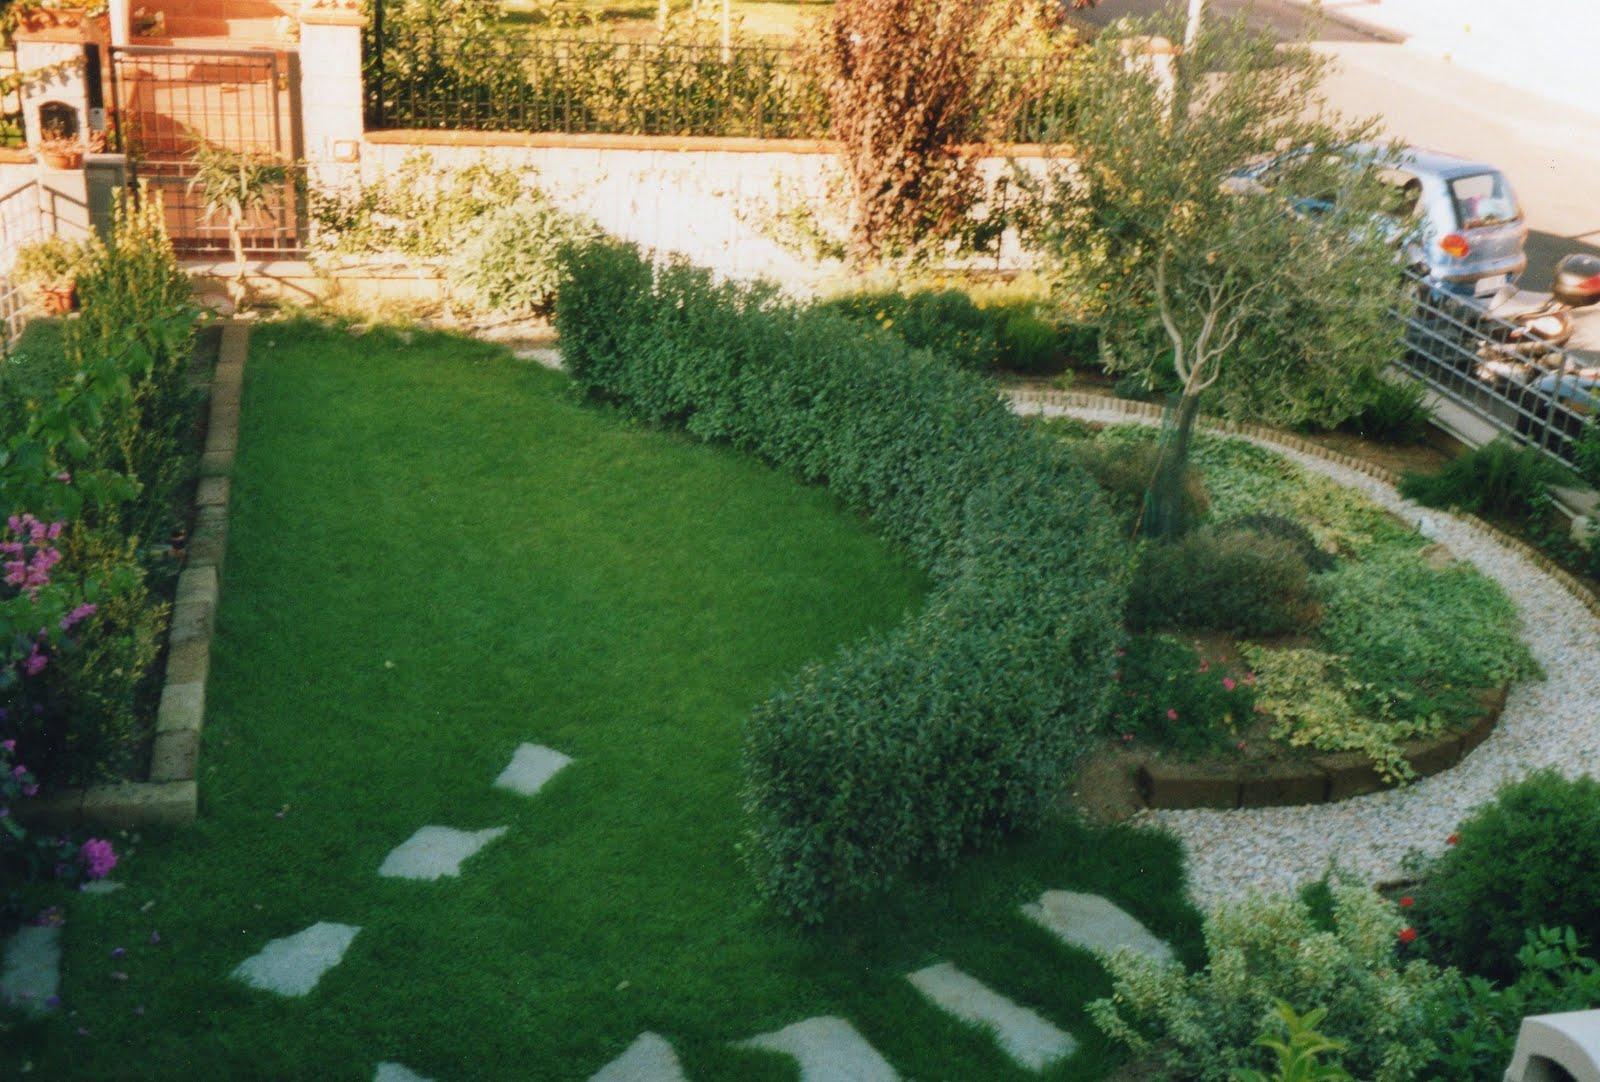 I giardini di carlo e letizia il giardino di michela e for Ligustro siepe